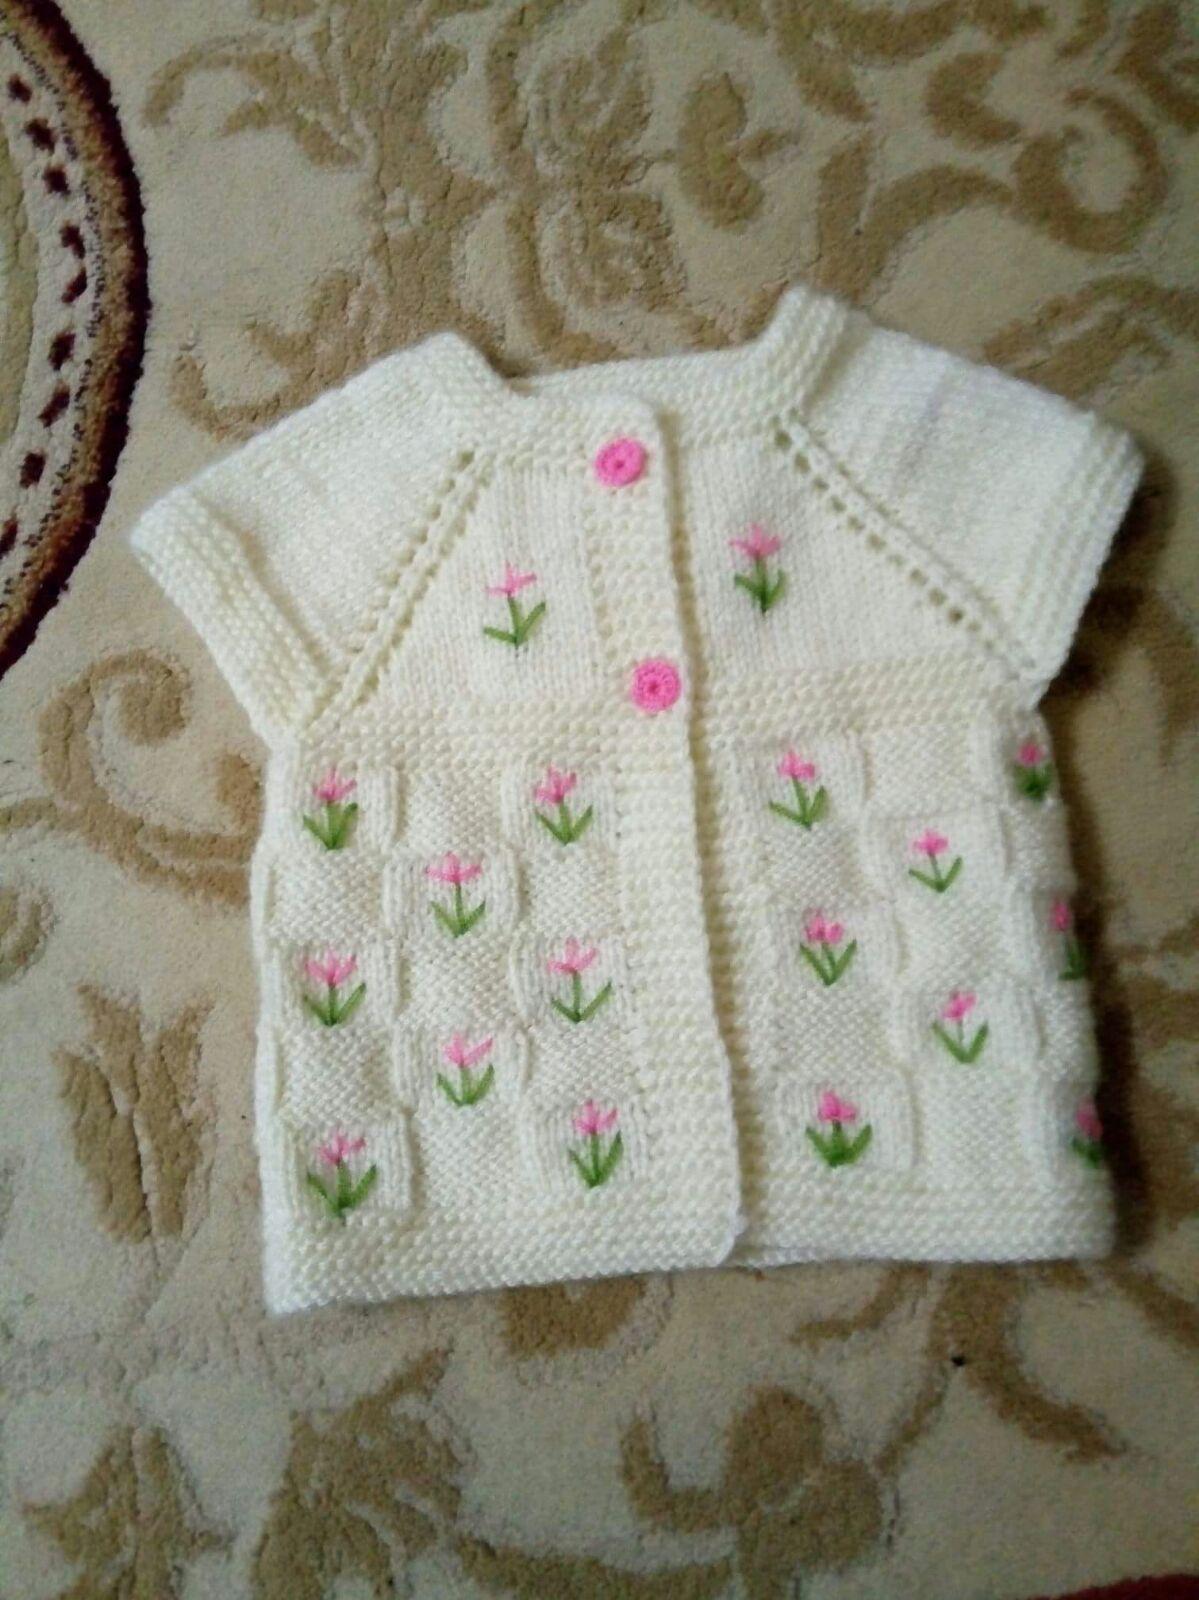 Büyük Kesme Şeker Örneğinde Çiçek Süslemeli Çocuk Yeleği Yapımı. 2 Yaş 71